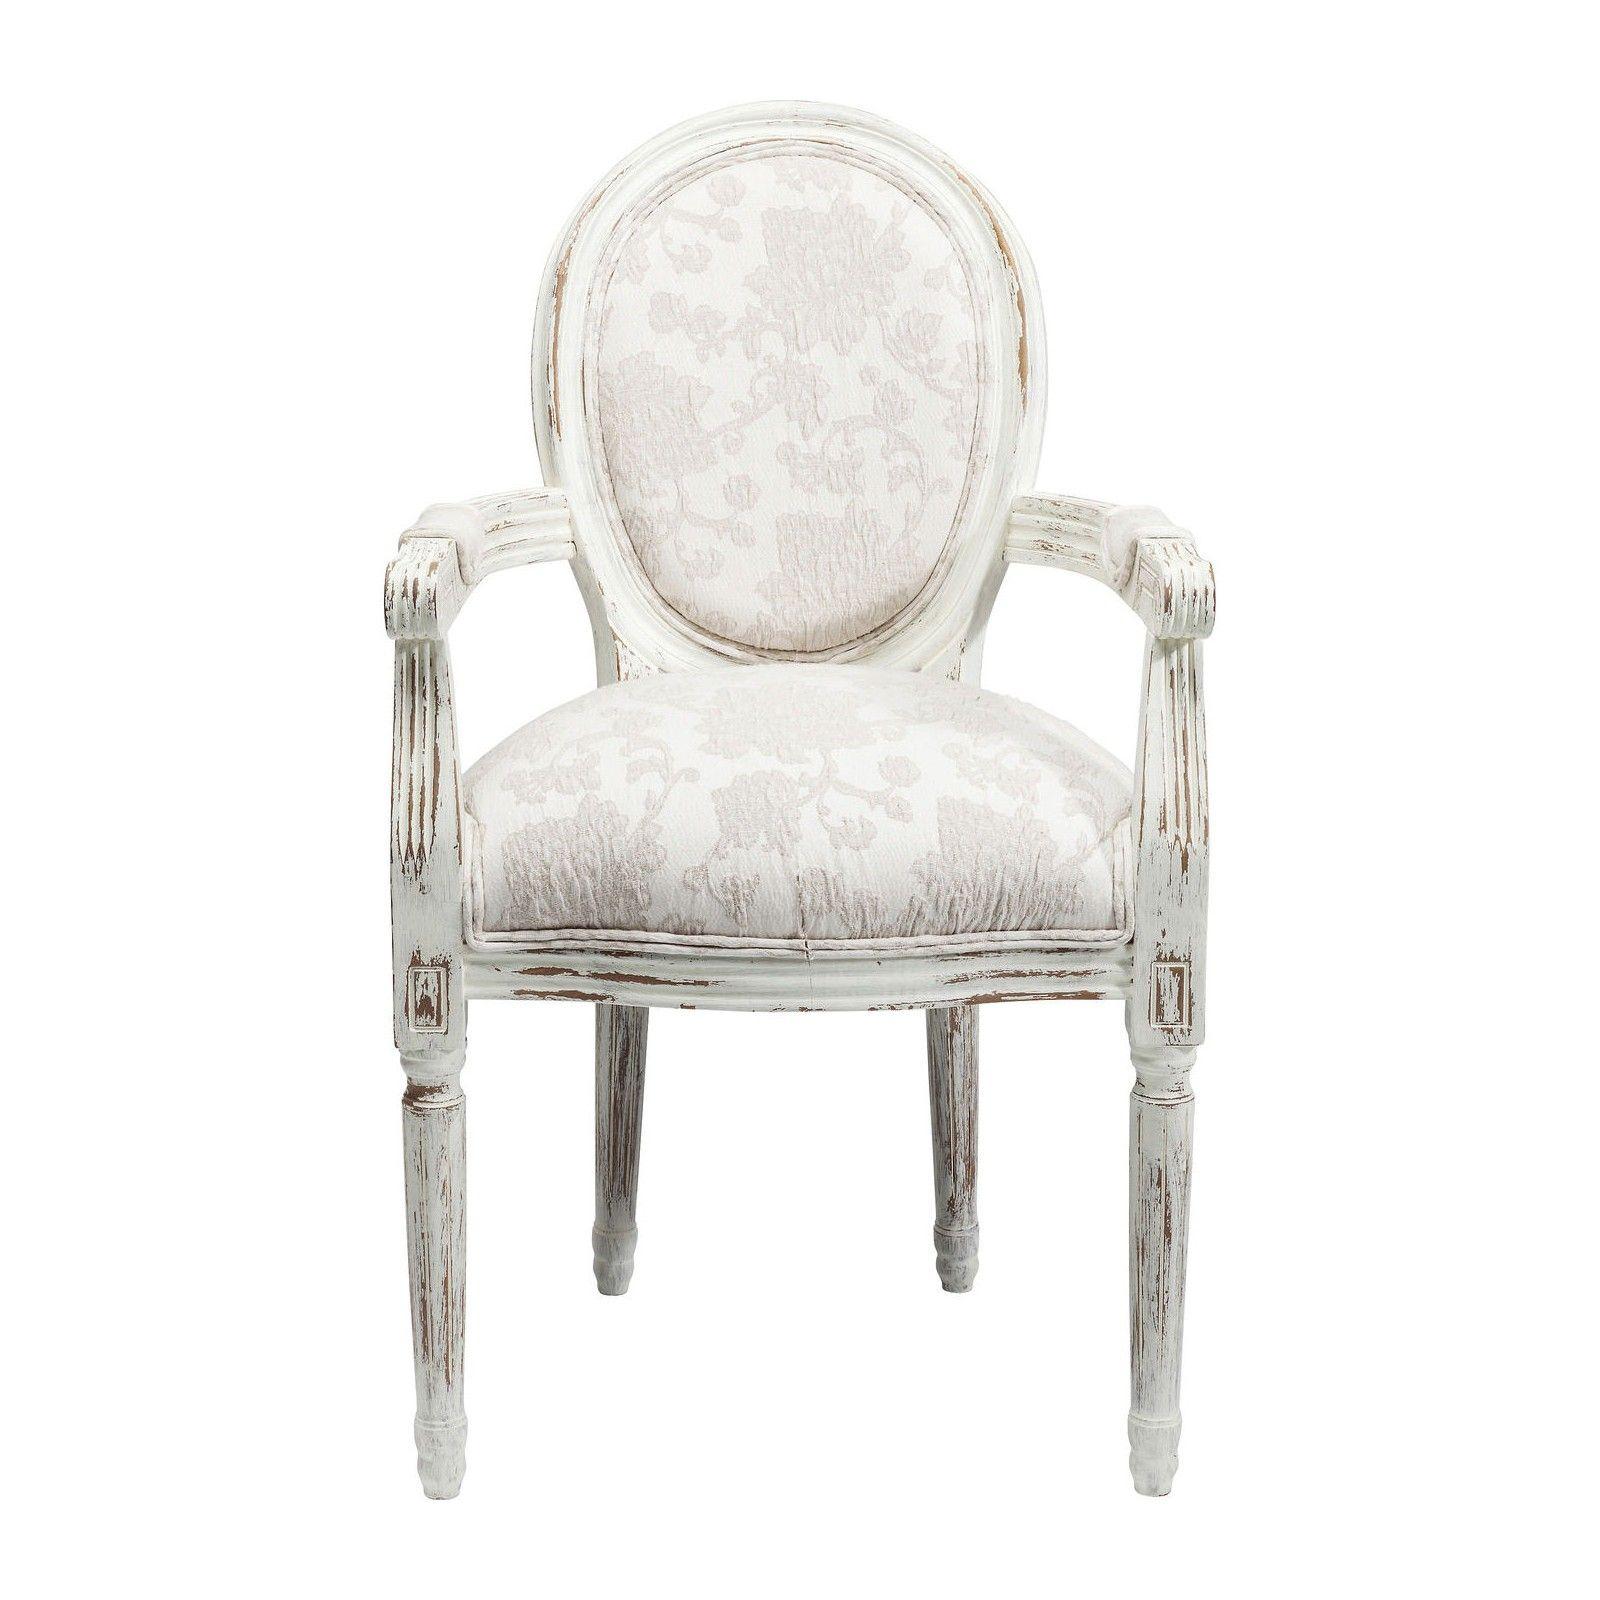 Chaise Avec Accoudoirs Baroque Blanche Louis Kare Design Chaise Design Fauteuil Deco Kare Design